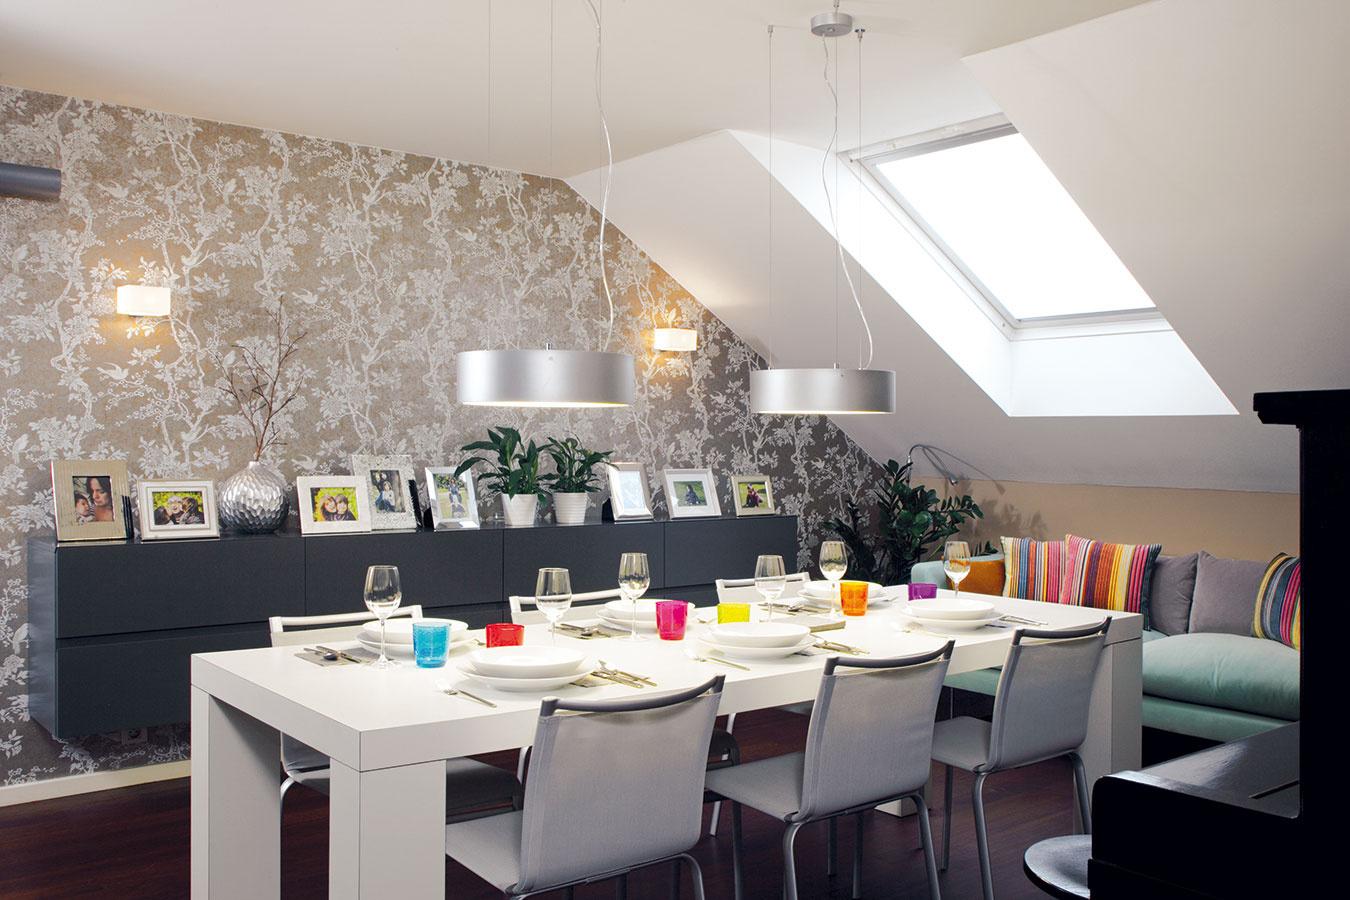 Neutrálne svetlé farby, dostatok svetla amoderné riešenie charakterizujú tento príjemný podkrovný byt, ktorý sa stal domovom štvorčlennej rodiny milujúcej mestský život.